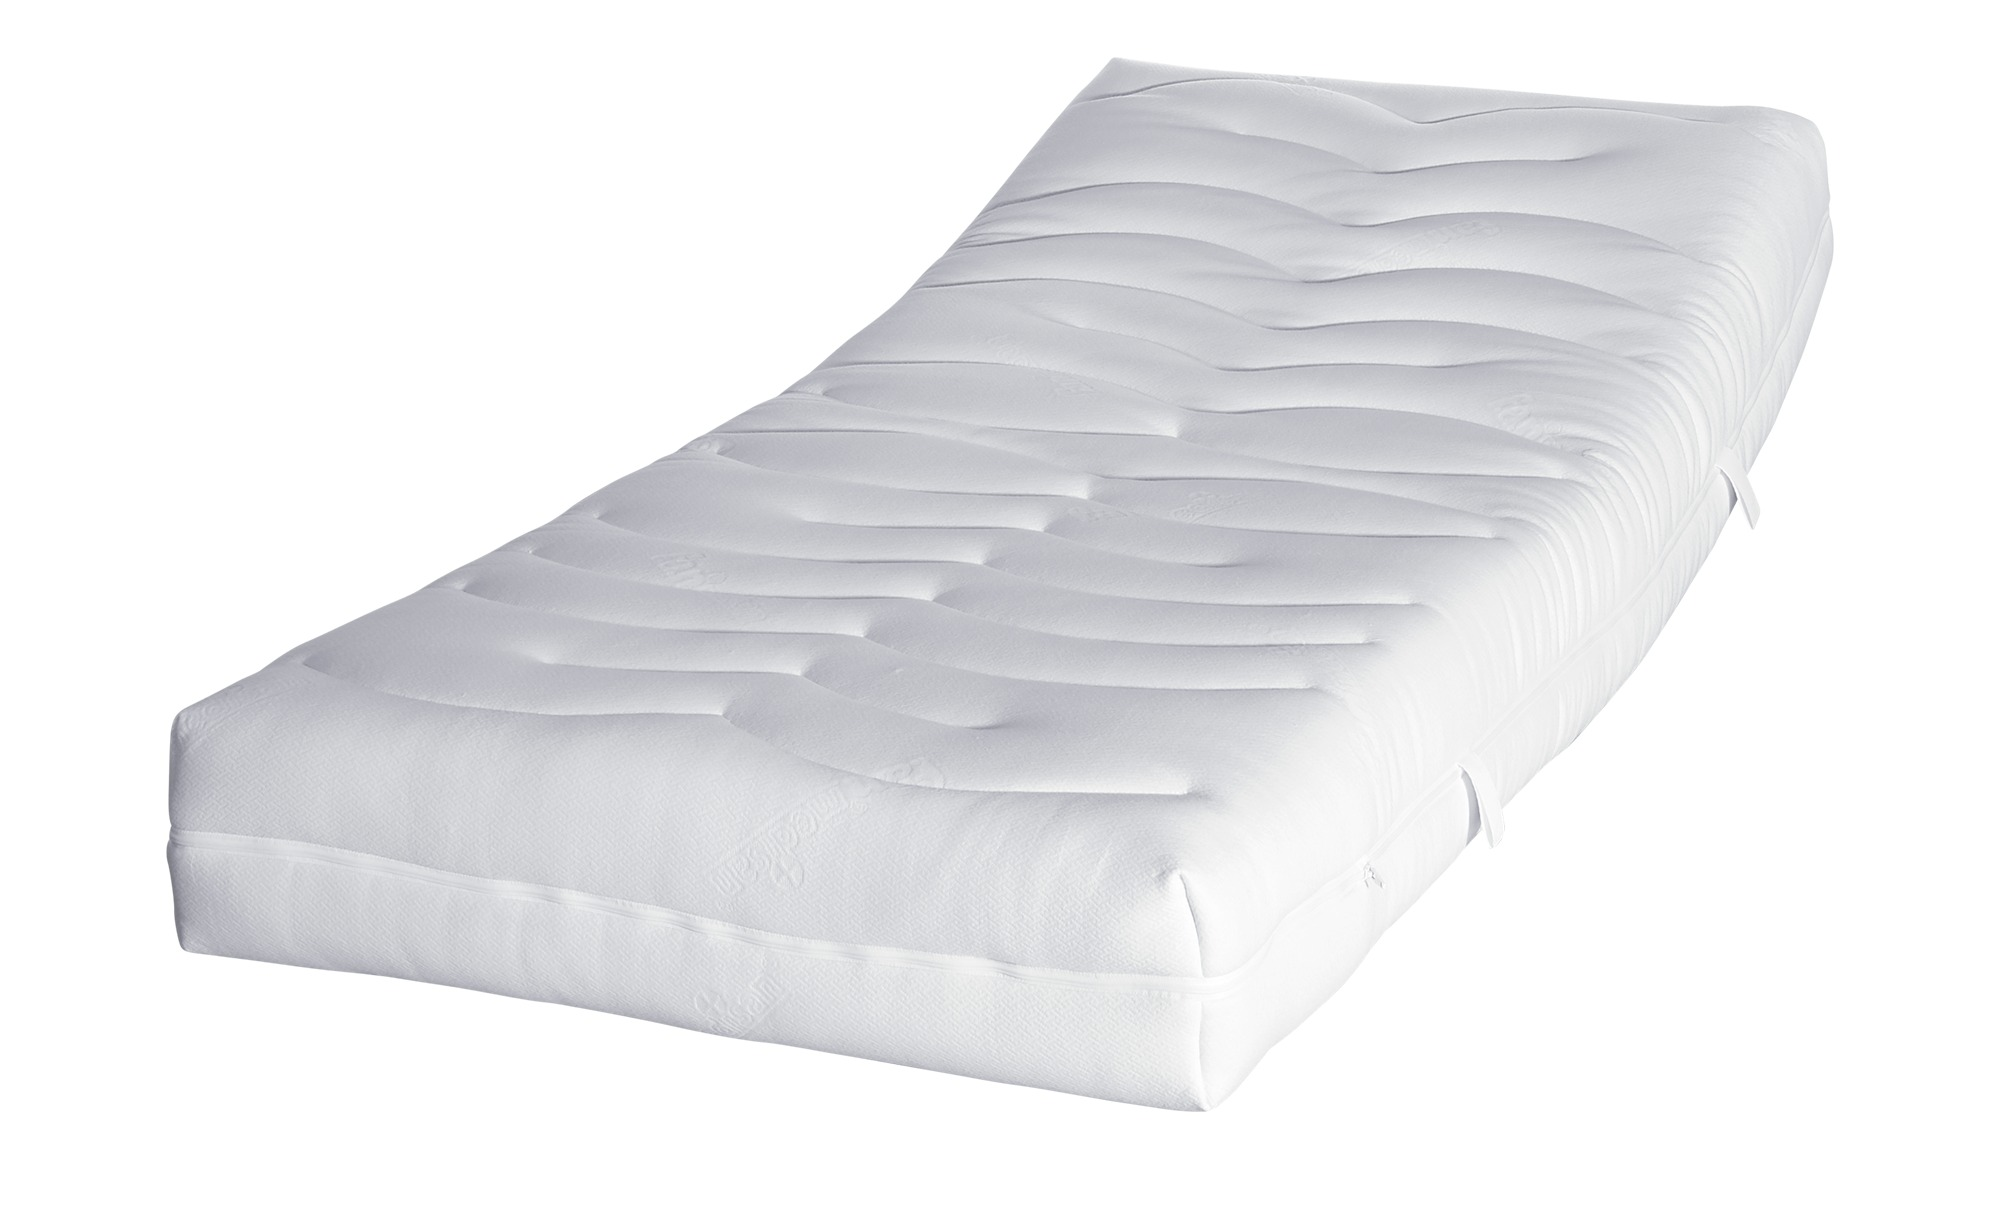 Viscoschaummatratze  Medisan Luxus VS - weiß - 140 cm - 20 cm - 200 cm - Sconto | Schlafzimmer > Matratzen > Viscoschaum-Matratzen | Sconto